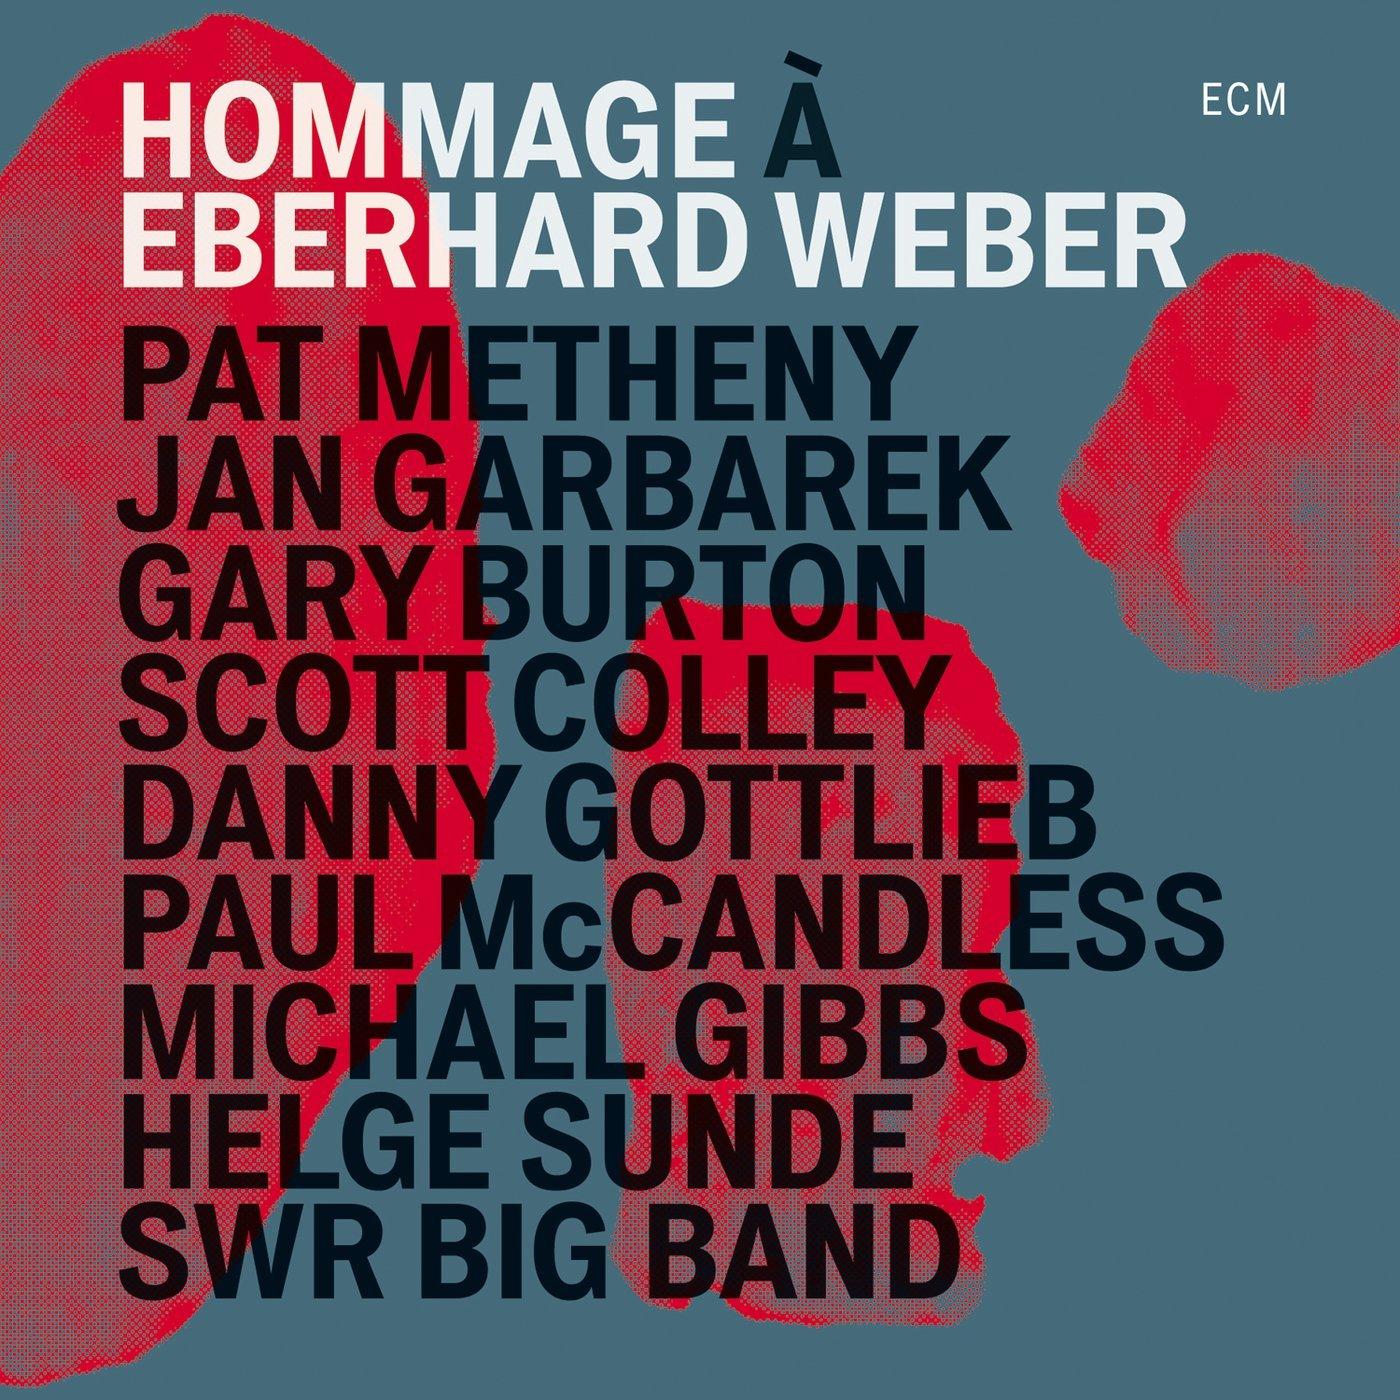 Hommage Eberhard Weber Ecm 2463 Between Sound And